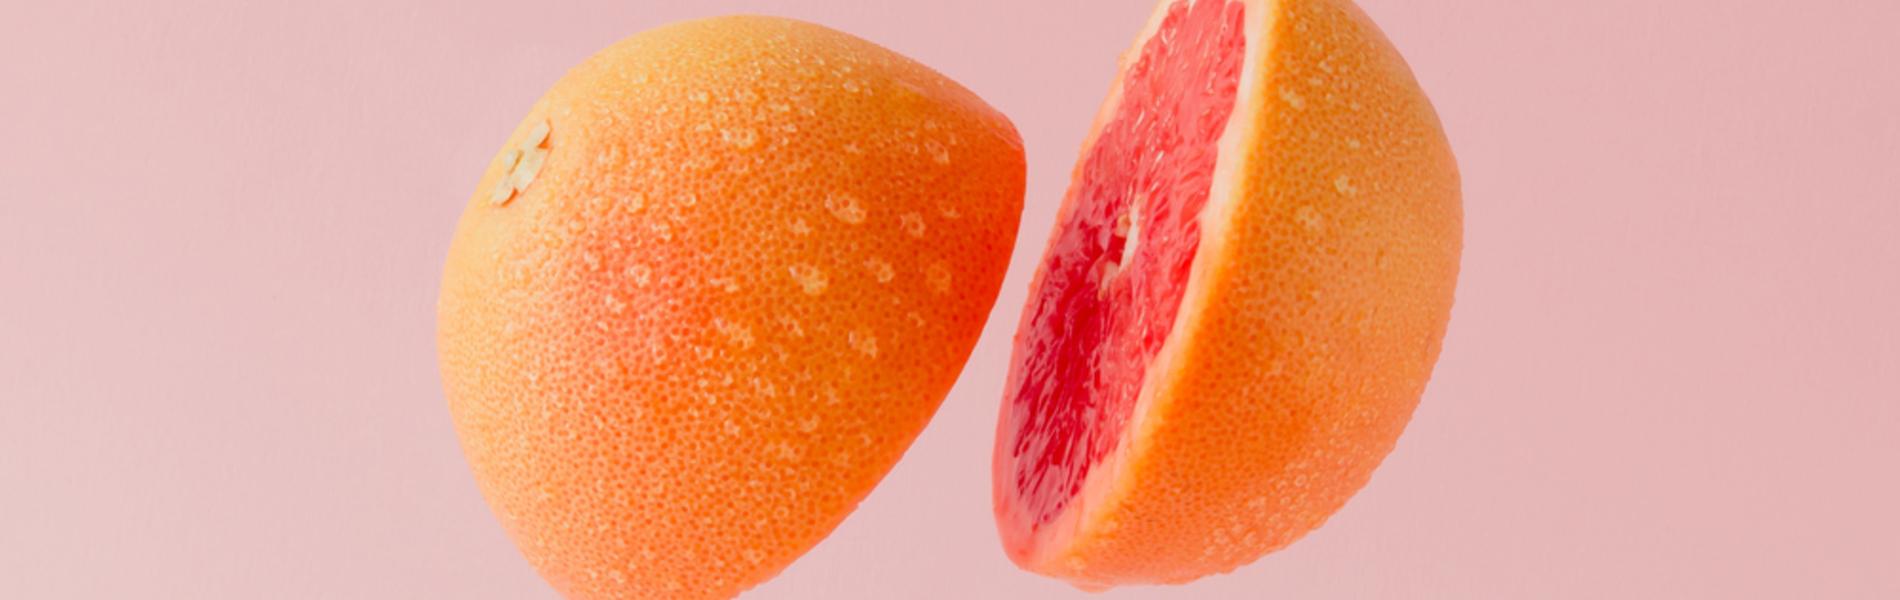 אז מה באמת הצבע האמיתי של האוכל שלכם?